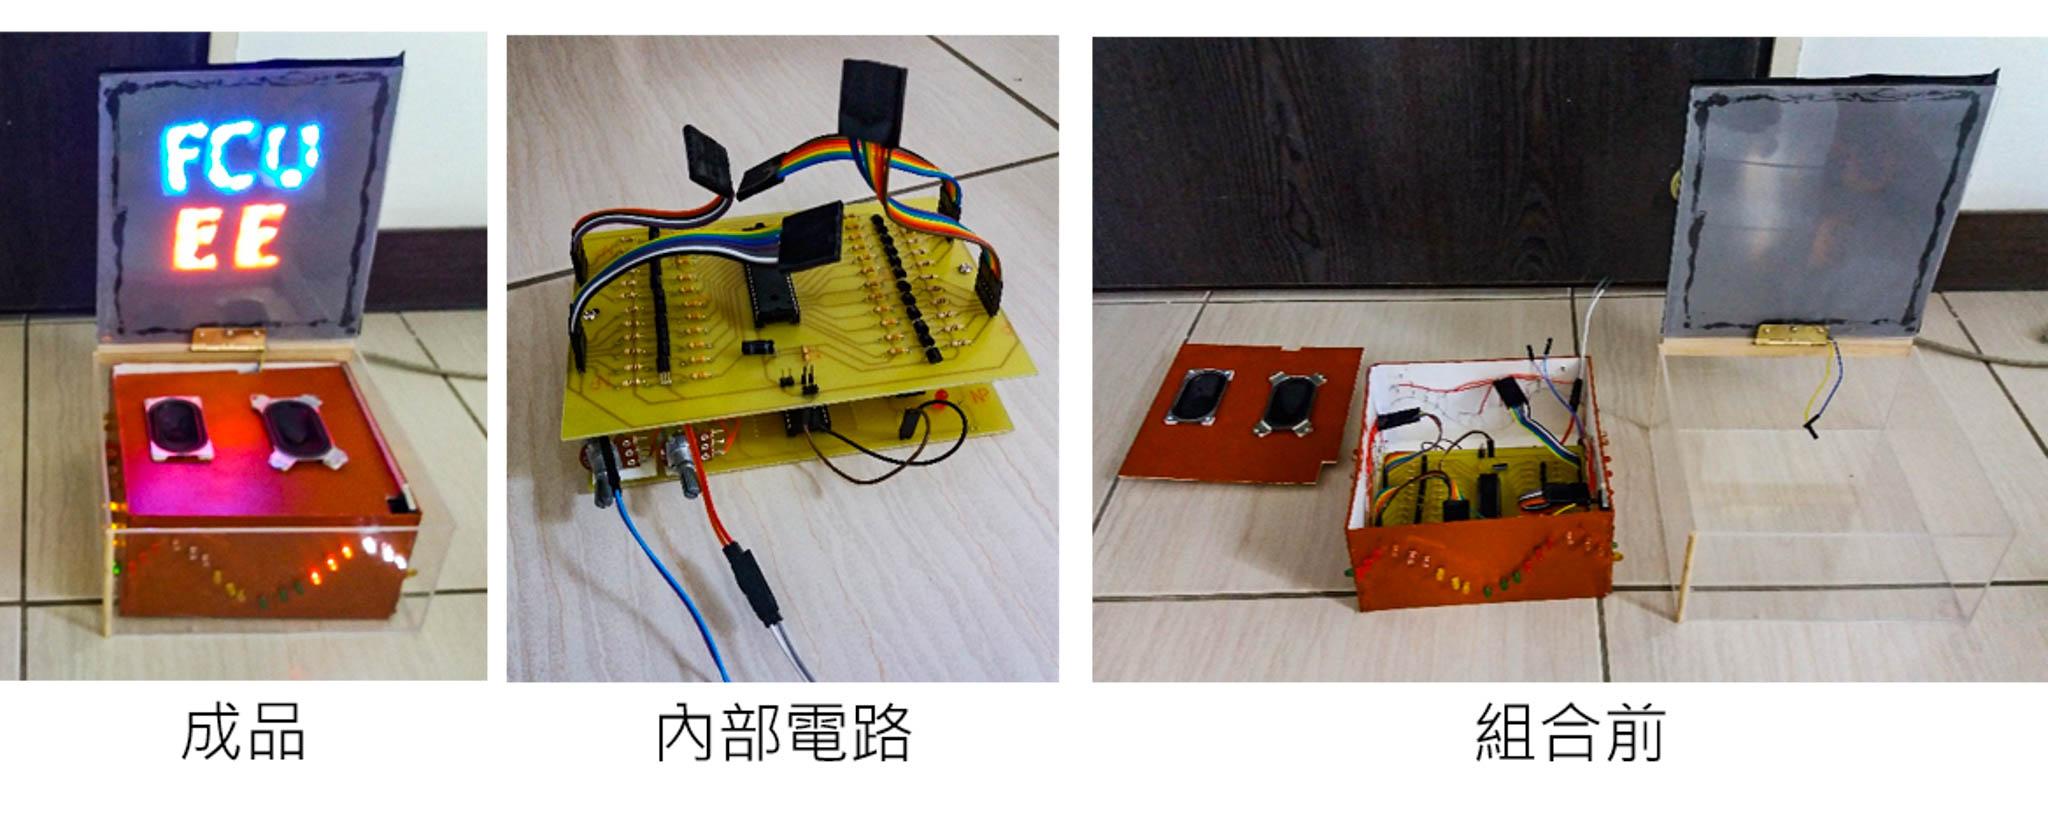 大學生愛分享_逢甲大學電機工程學系李冠杰_分組專題_有燈光效果的音樂盒